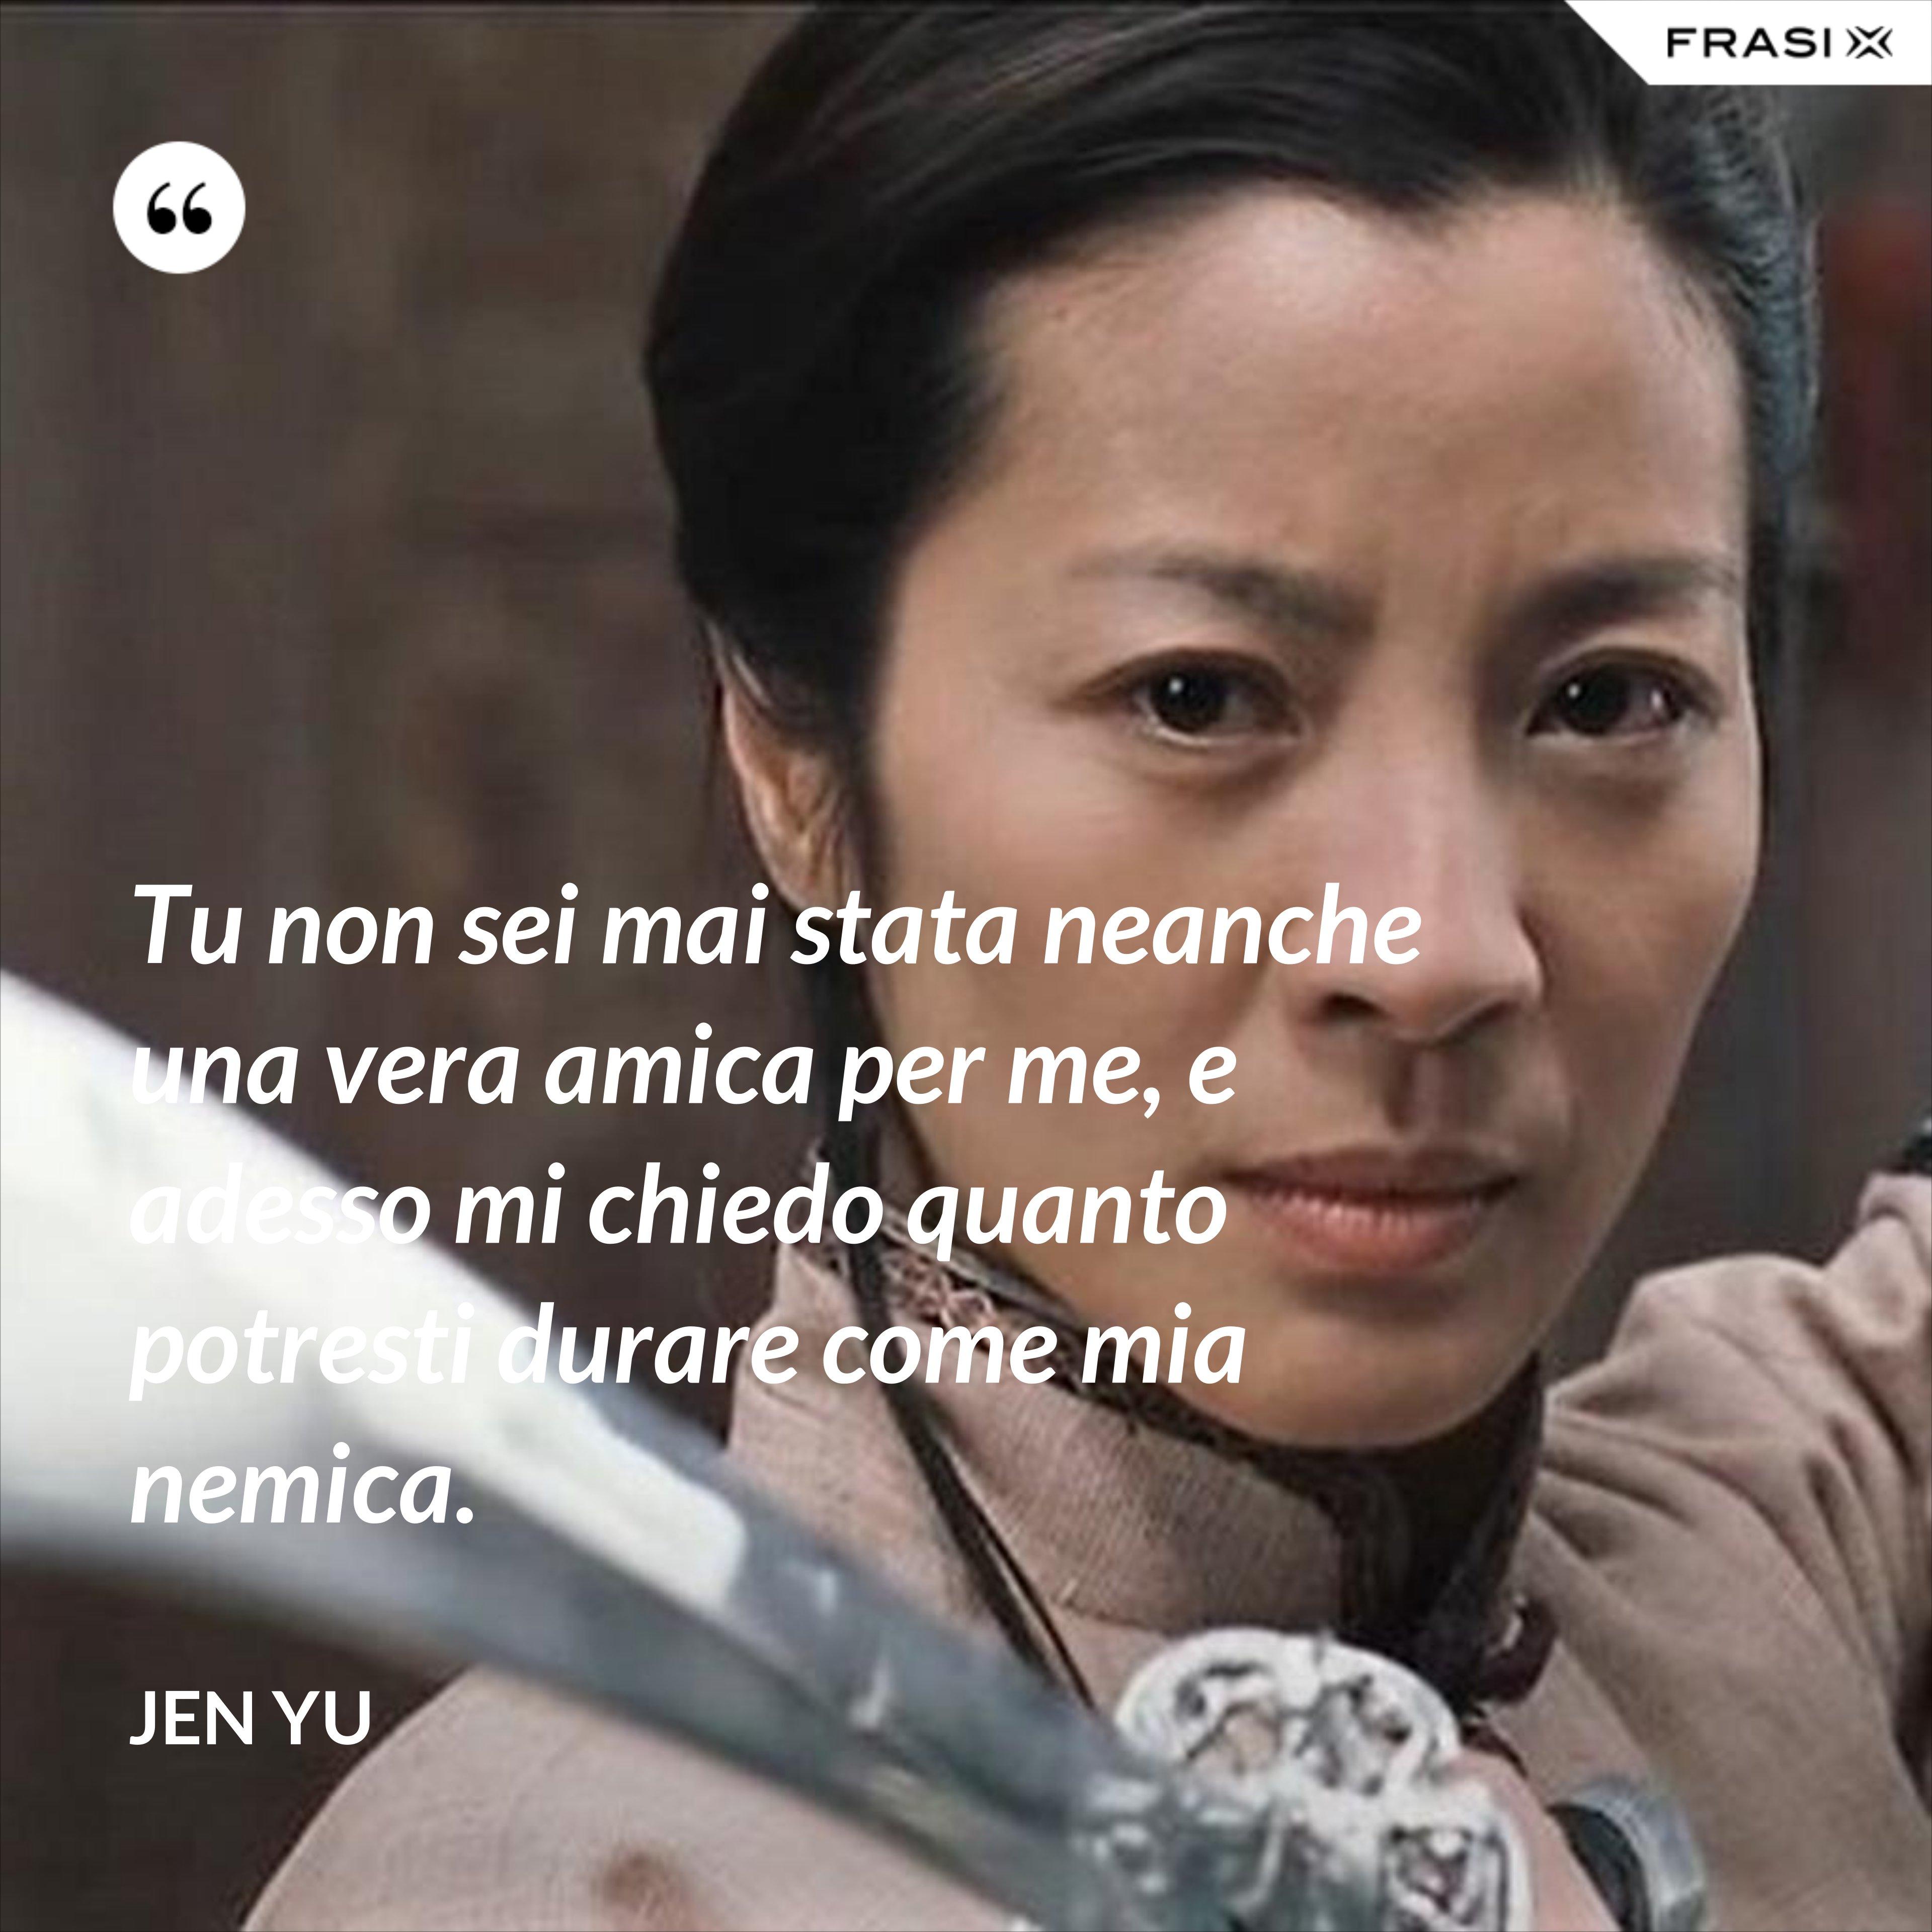 Tu non sei mai stata neanche una vera amica per me, e adesso mi chiedo quanto potresti durare come mia nemica. - Jen Yu